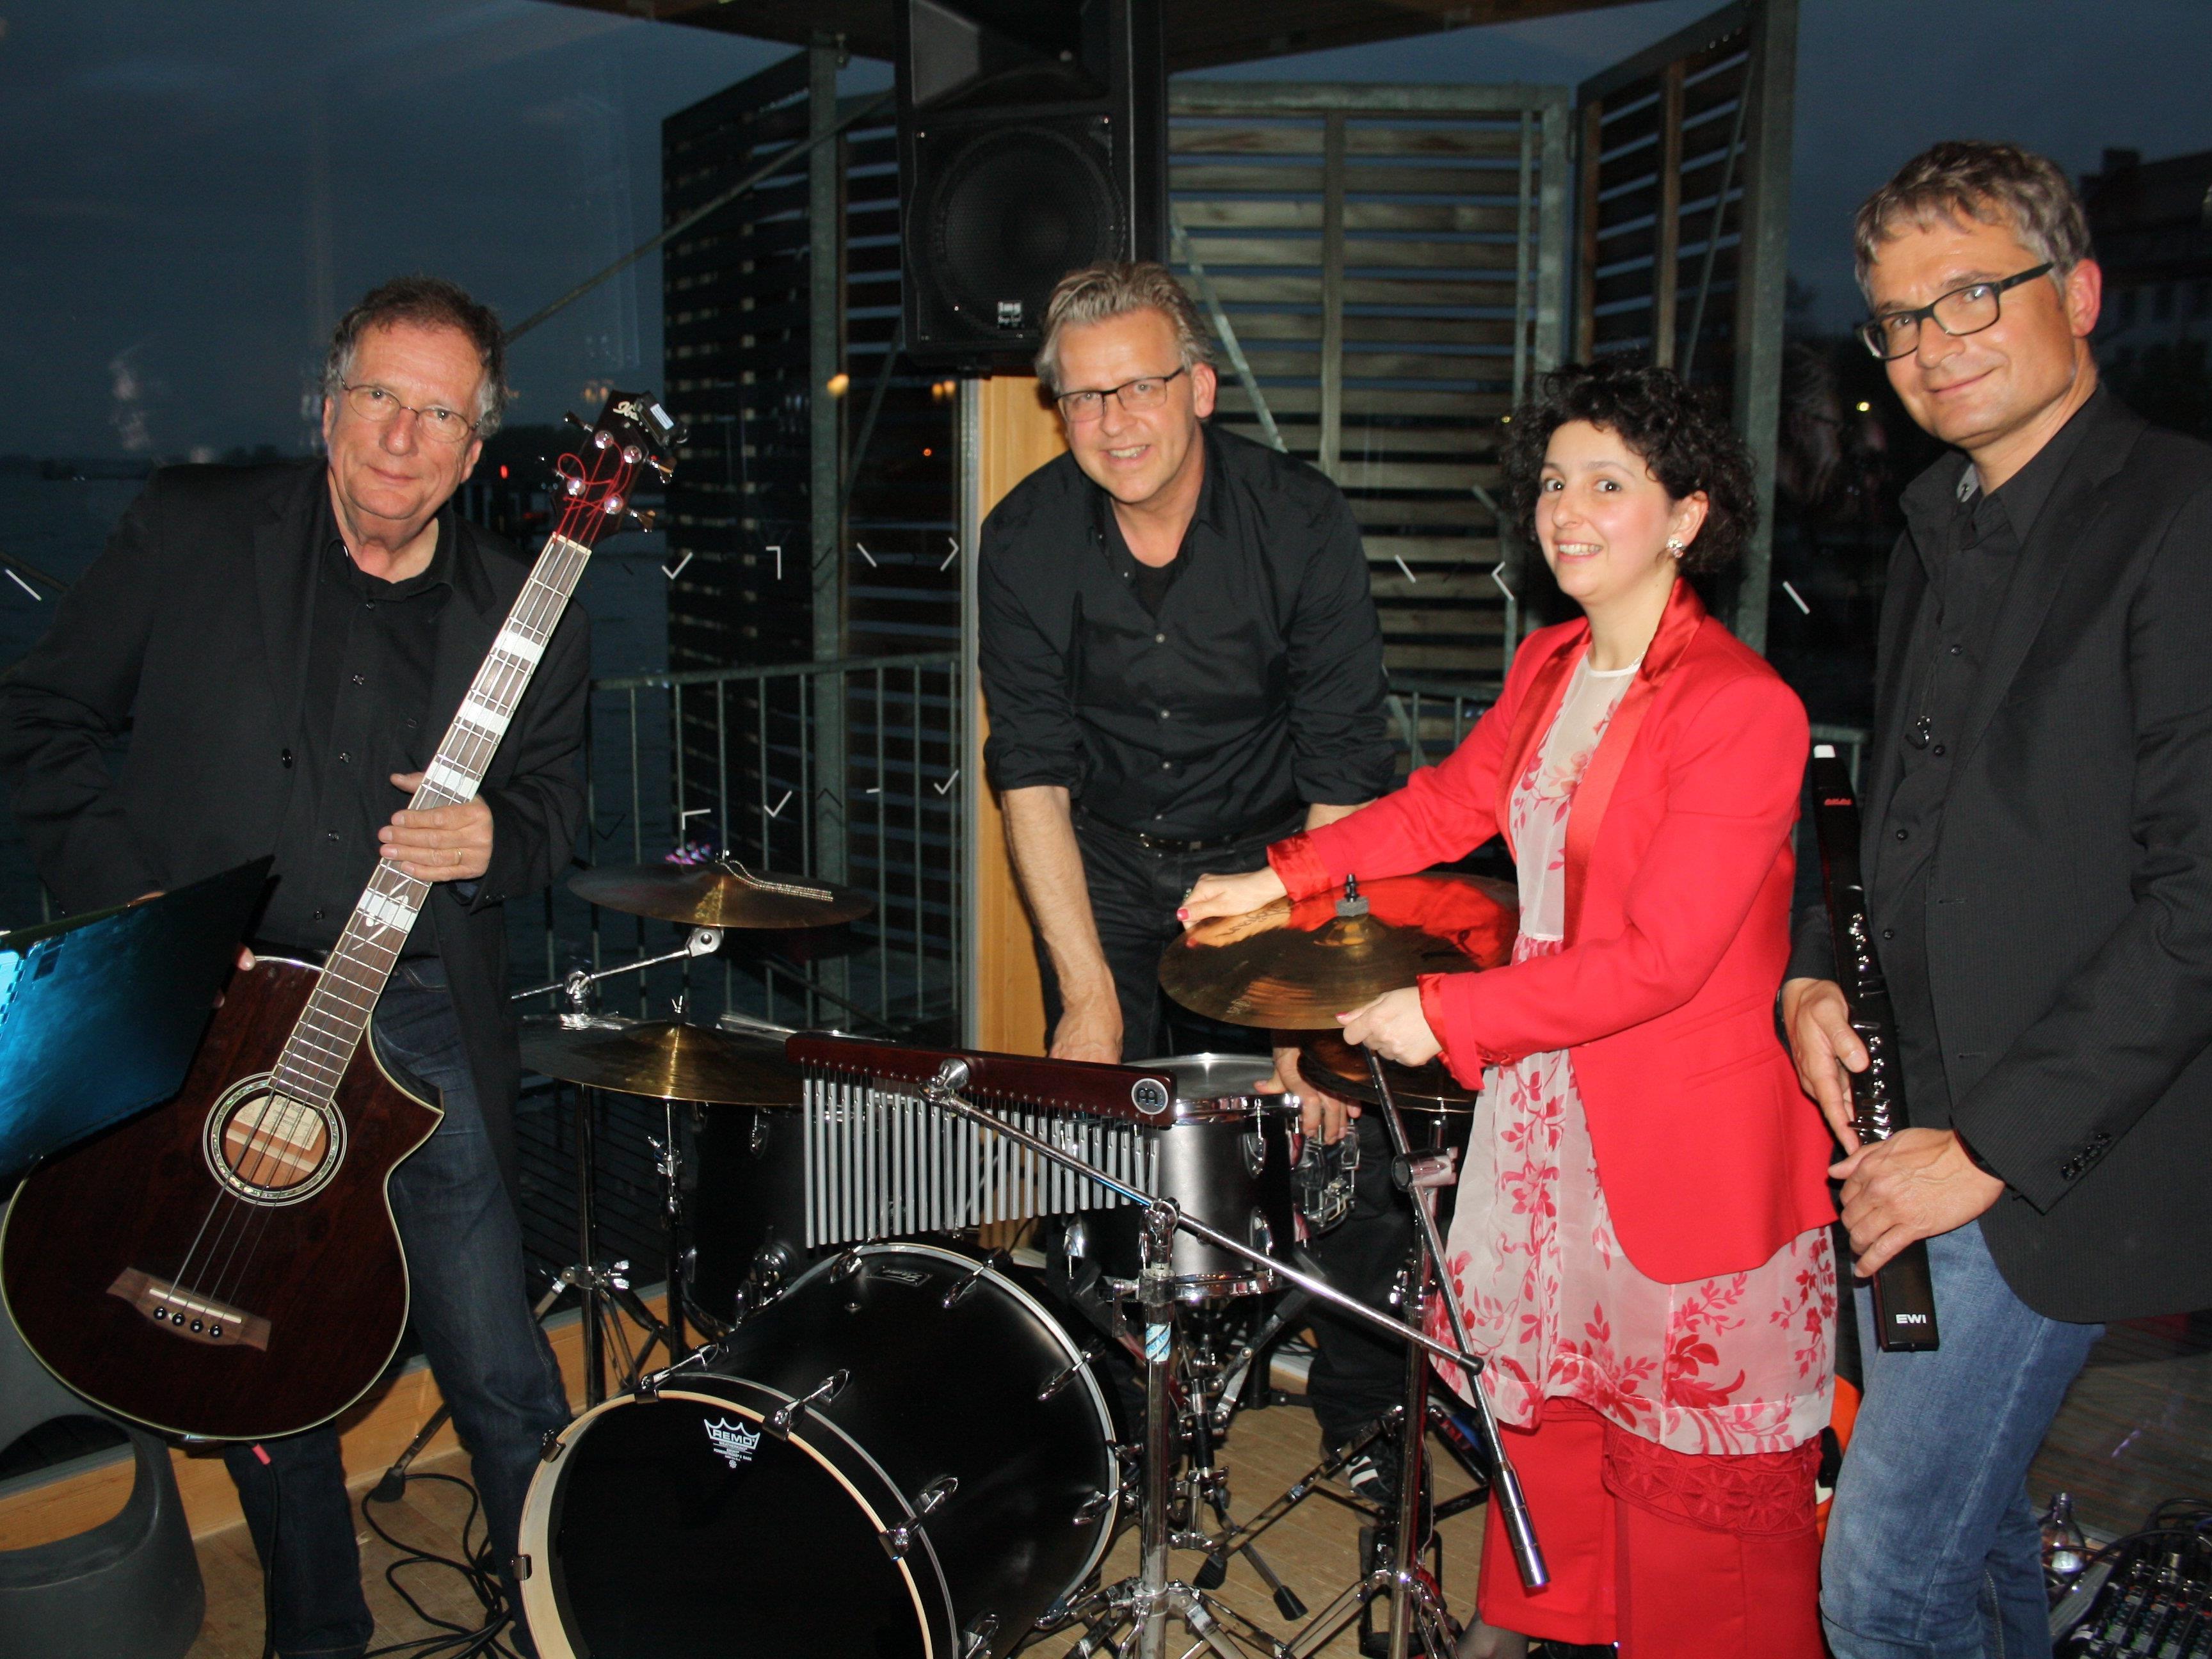 """Peter Barth (Bass), Roland Gütt (Drums), Marina Raidt-Altunashvili (Piano/Gesang) und Markus Kaulingfrecks (Quer-Synthiflöte) sorgten beim letzten """"Jazz am See""""-Event"""" am Kaiserstrand für beste Stimmung."""